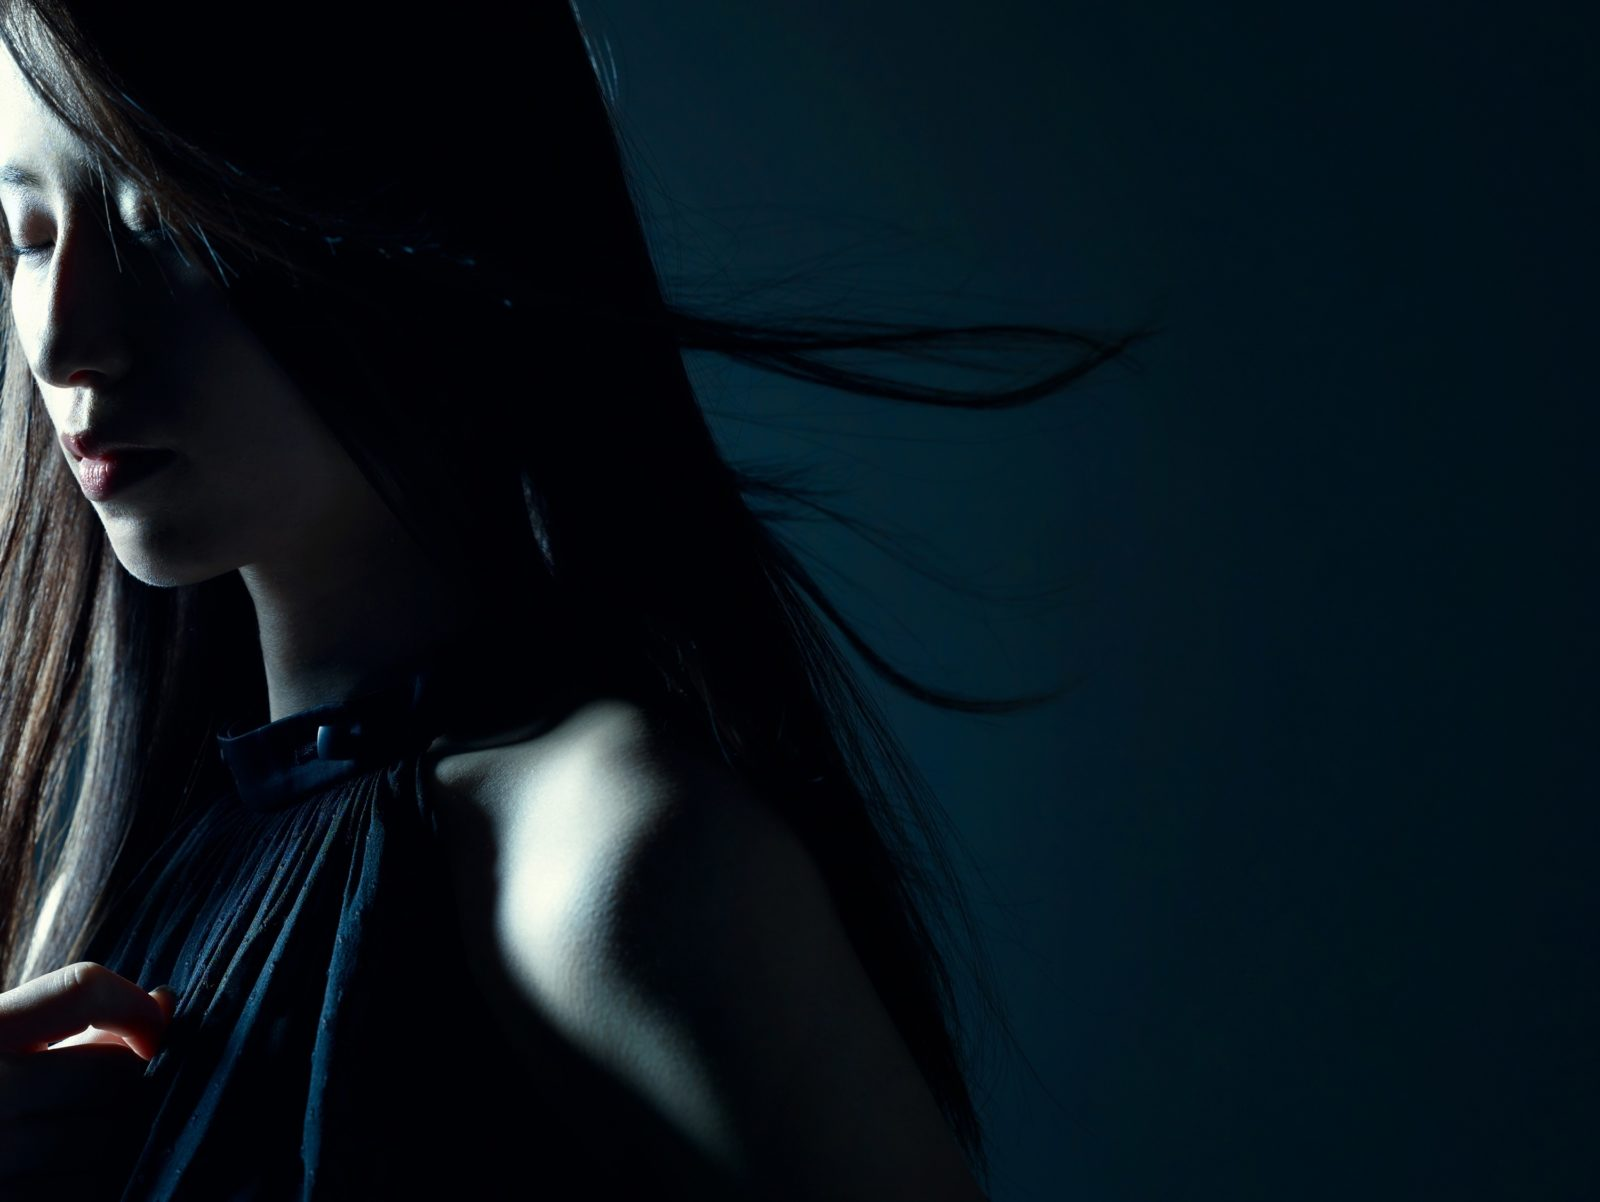 Uru、ニューシングル「願い」初回盤のダイジェスト映像を公開サムネイル画像